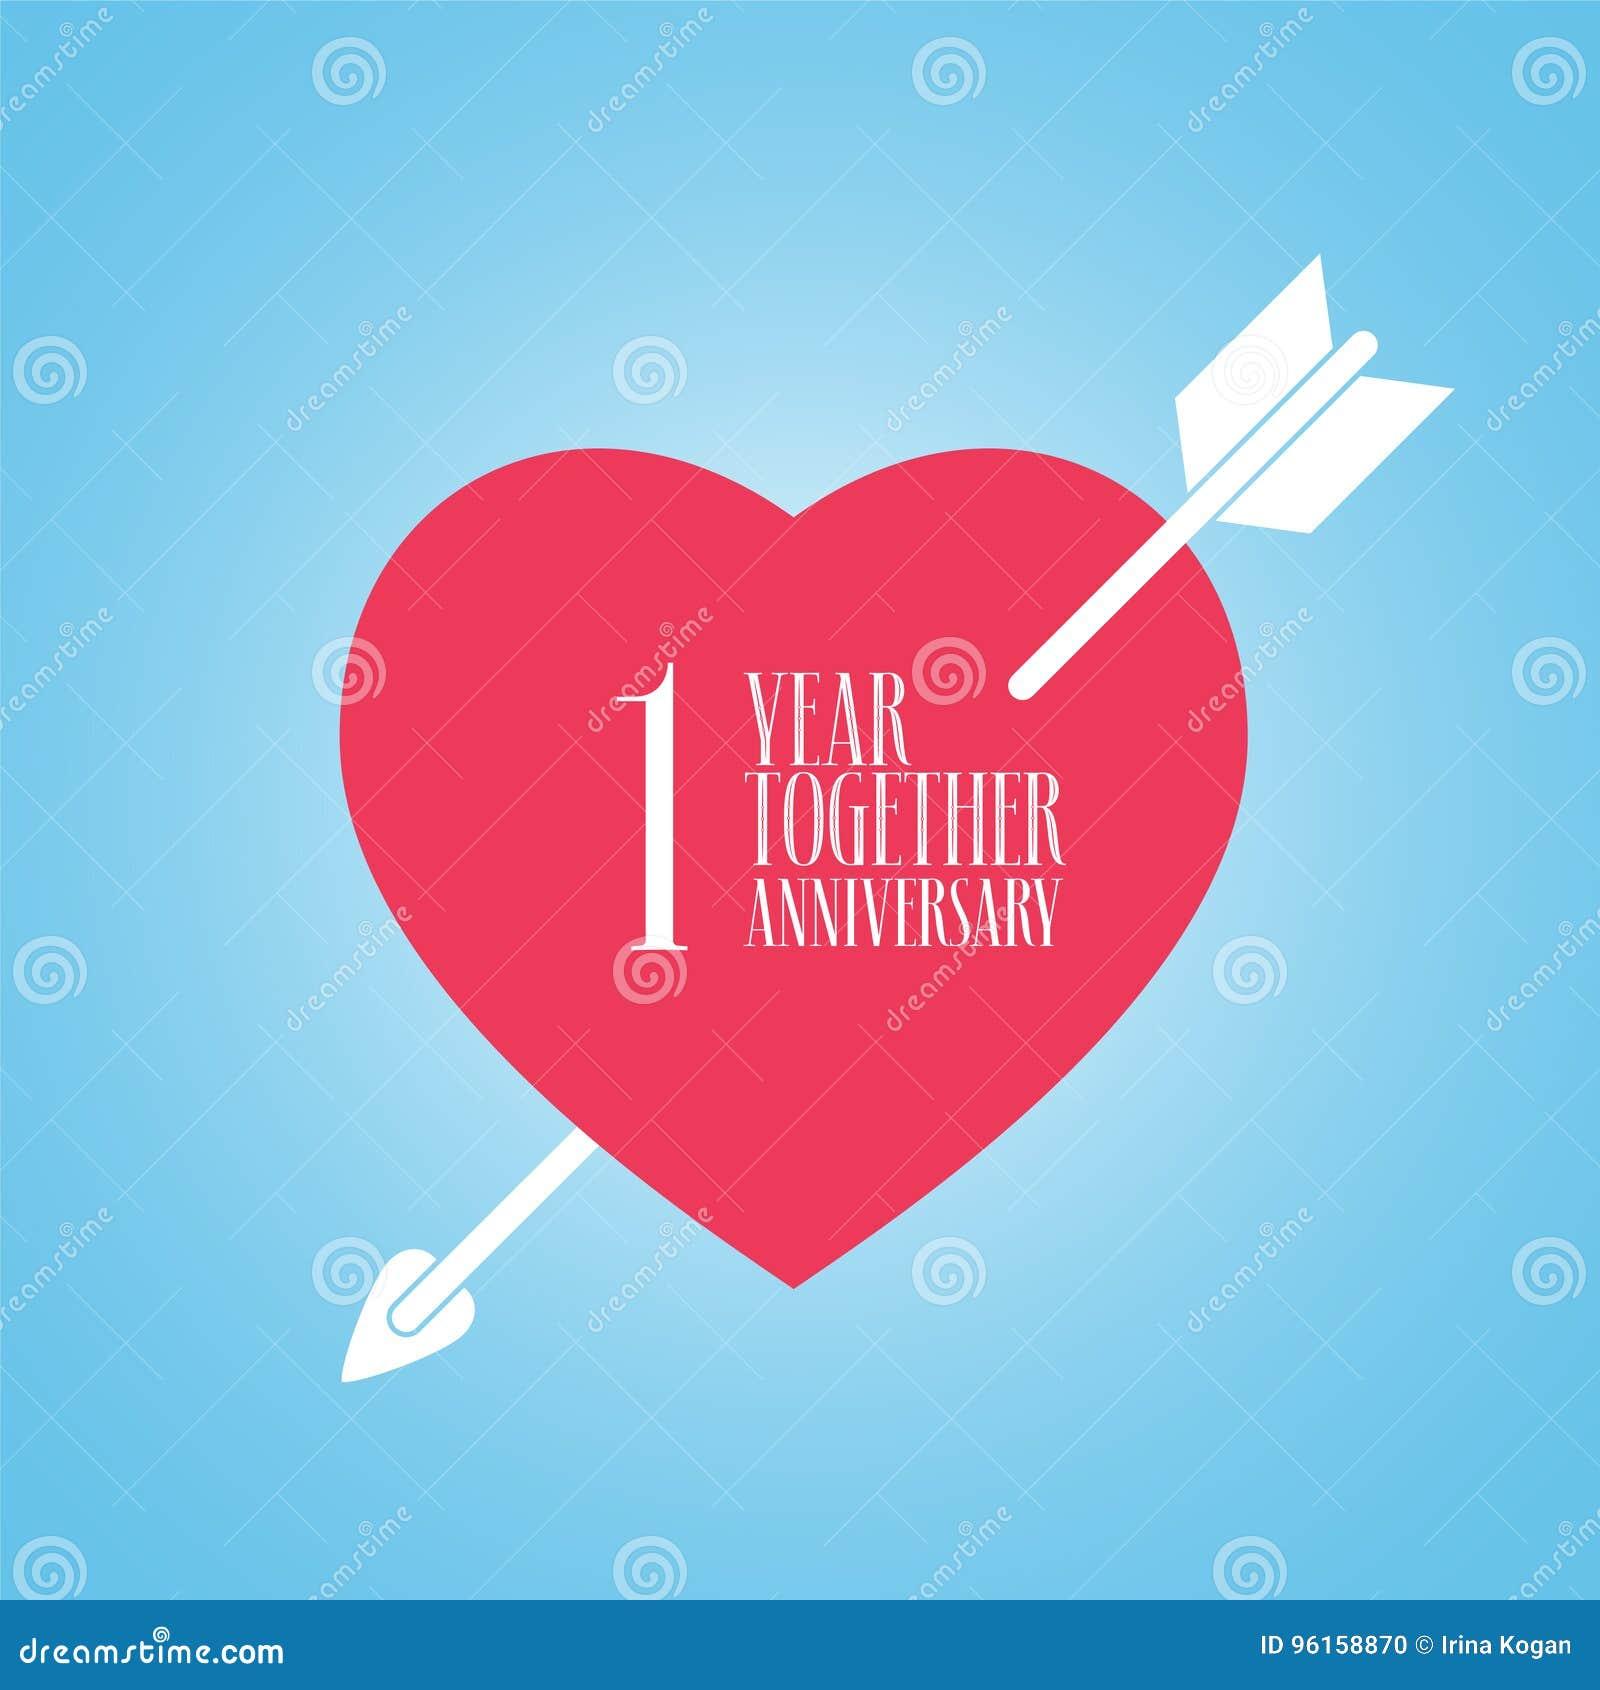 Anniversario Di Matrimonio Un Anno.1 Anno Di Anniversario Dell Icona Di Vettore Di Matrimonio O